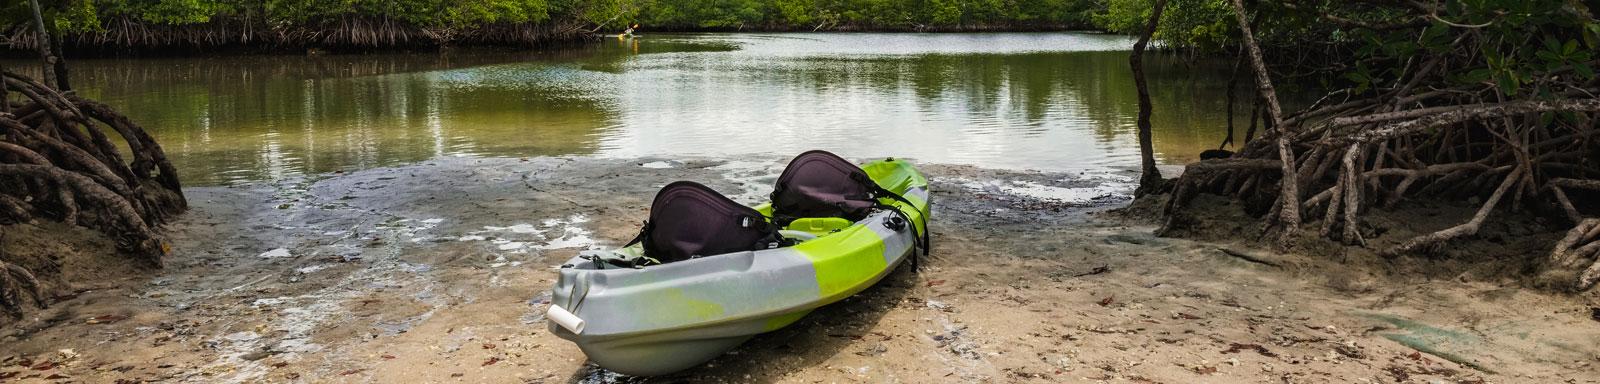 Oleta River State Park in Miami